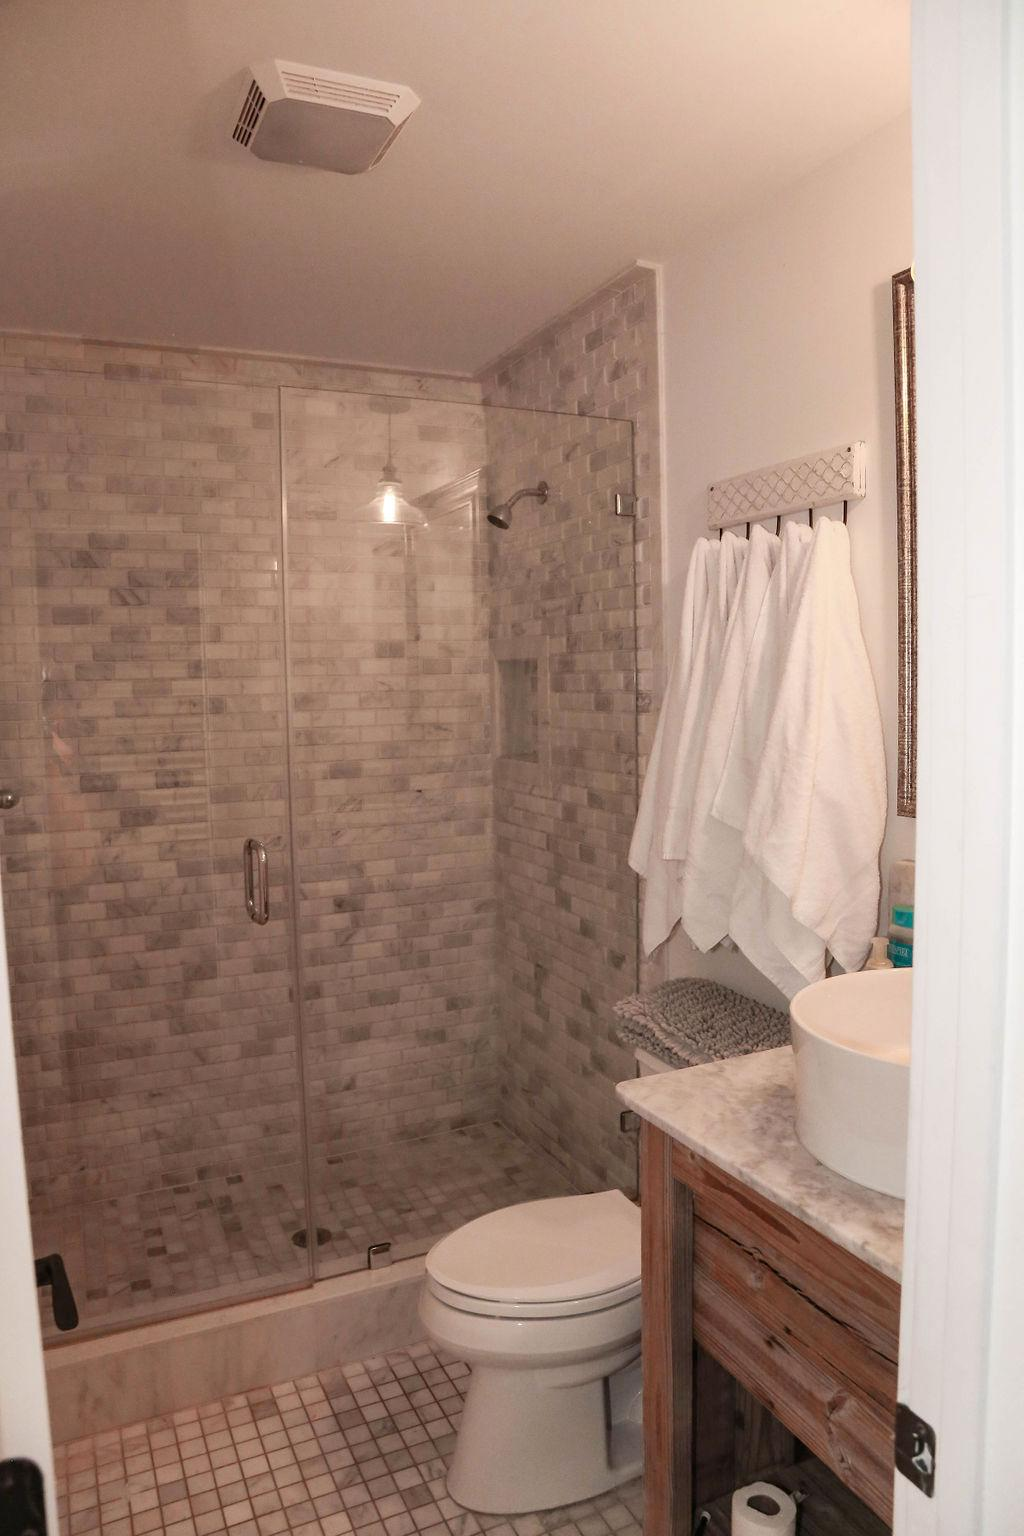 Br # 1 bathroom, white marble shower, glass doors